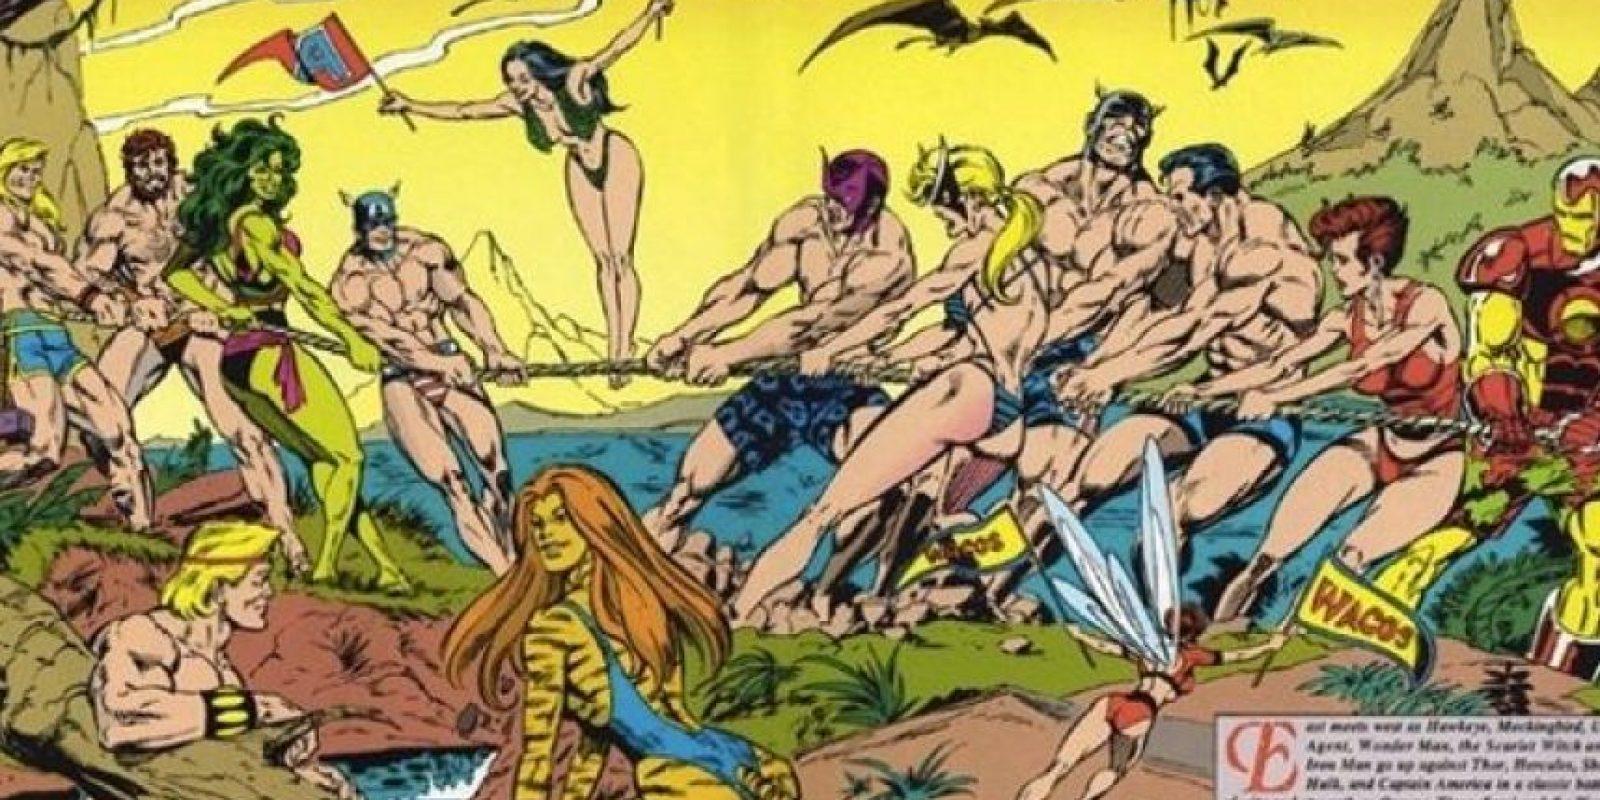 """En los años 90, la industria del cómic decayó y Marvel tomó una de sus más criticadas decisiones: hacer lo mismo que su revista """"Sport Illustrated"""" pero con sus superhéroes. La edición se llamó """"Marvel Swimsuit Illustrated"""" y vivió hasta 1995. Foto:vía Marvel"""